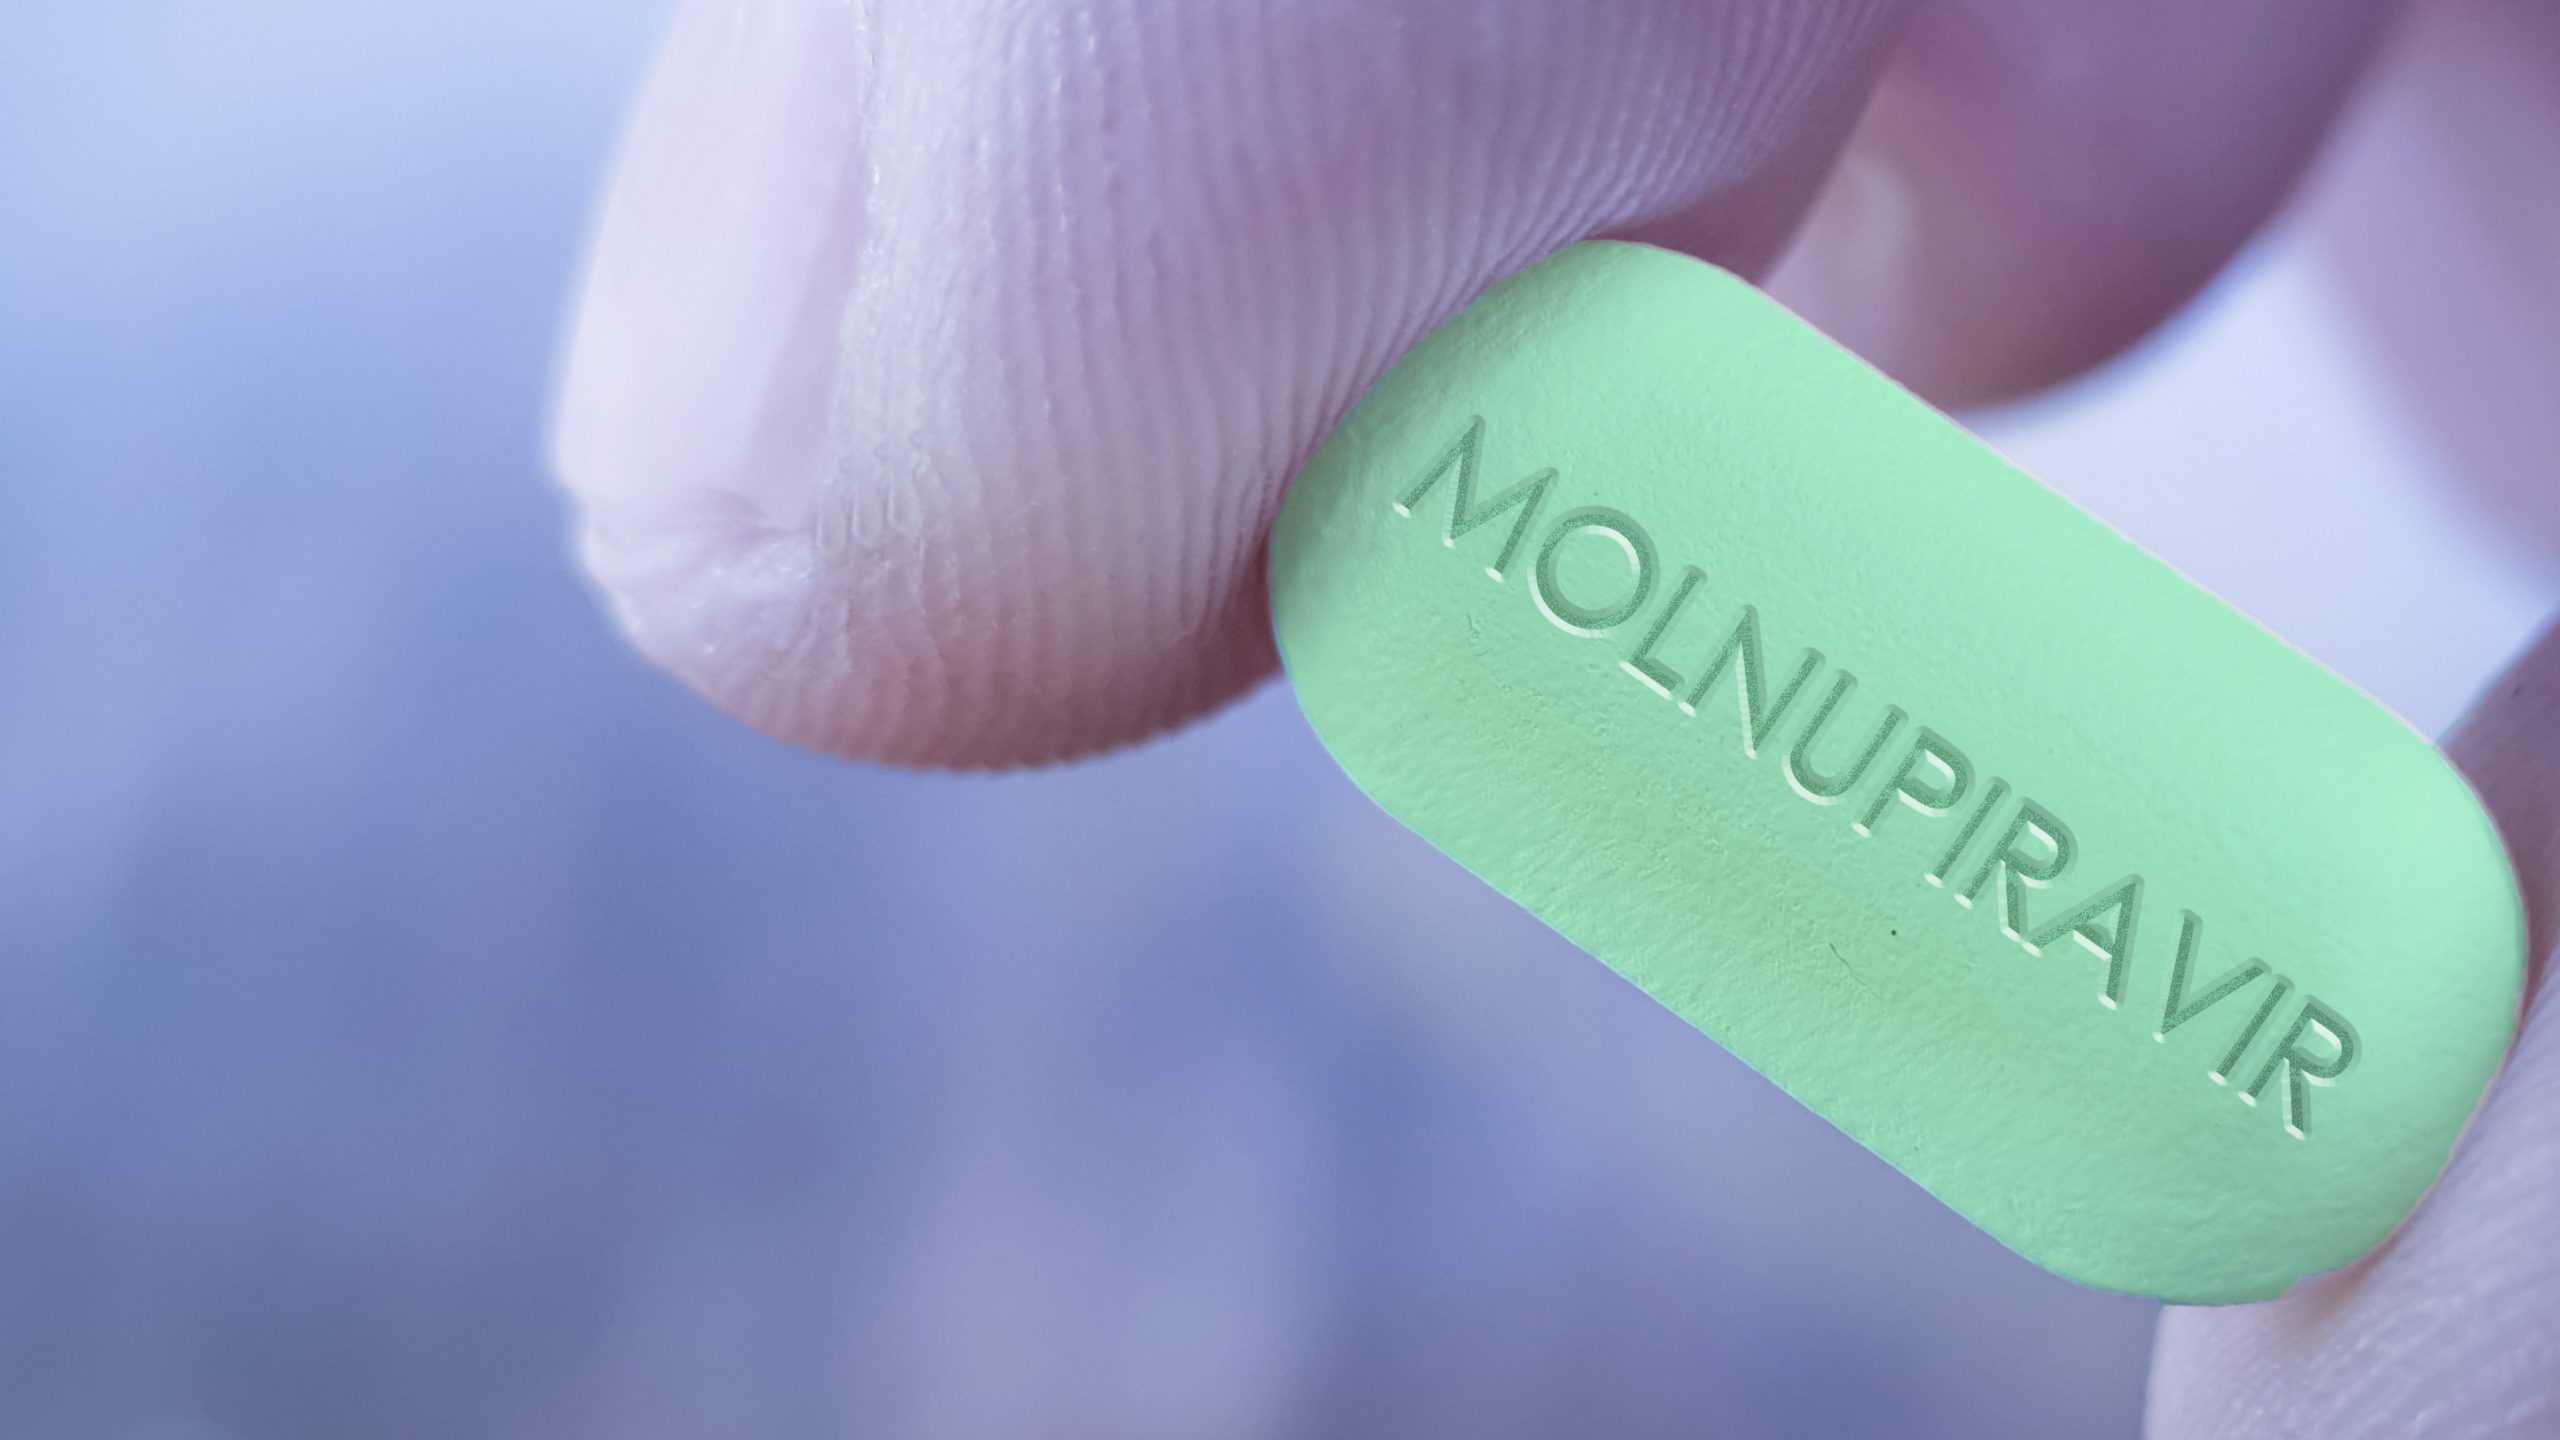 Препарат молнупиравир от Merck & Co вдвое снизил риск госпитализации при ковиде